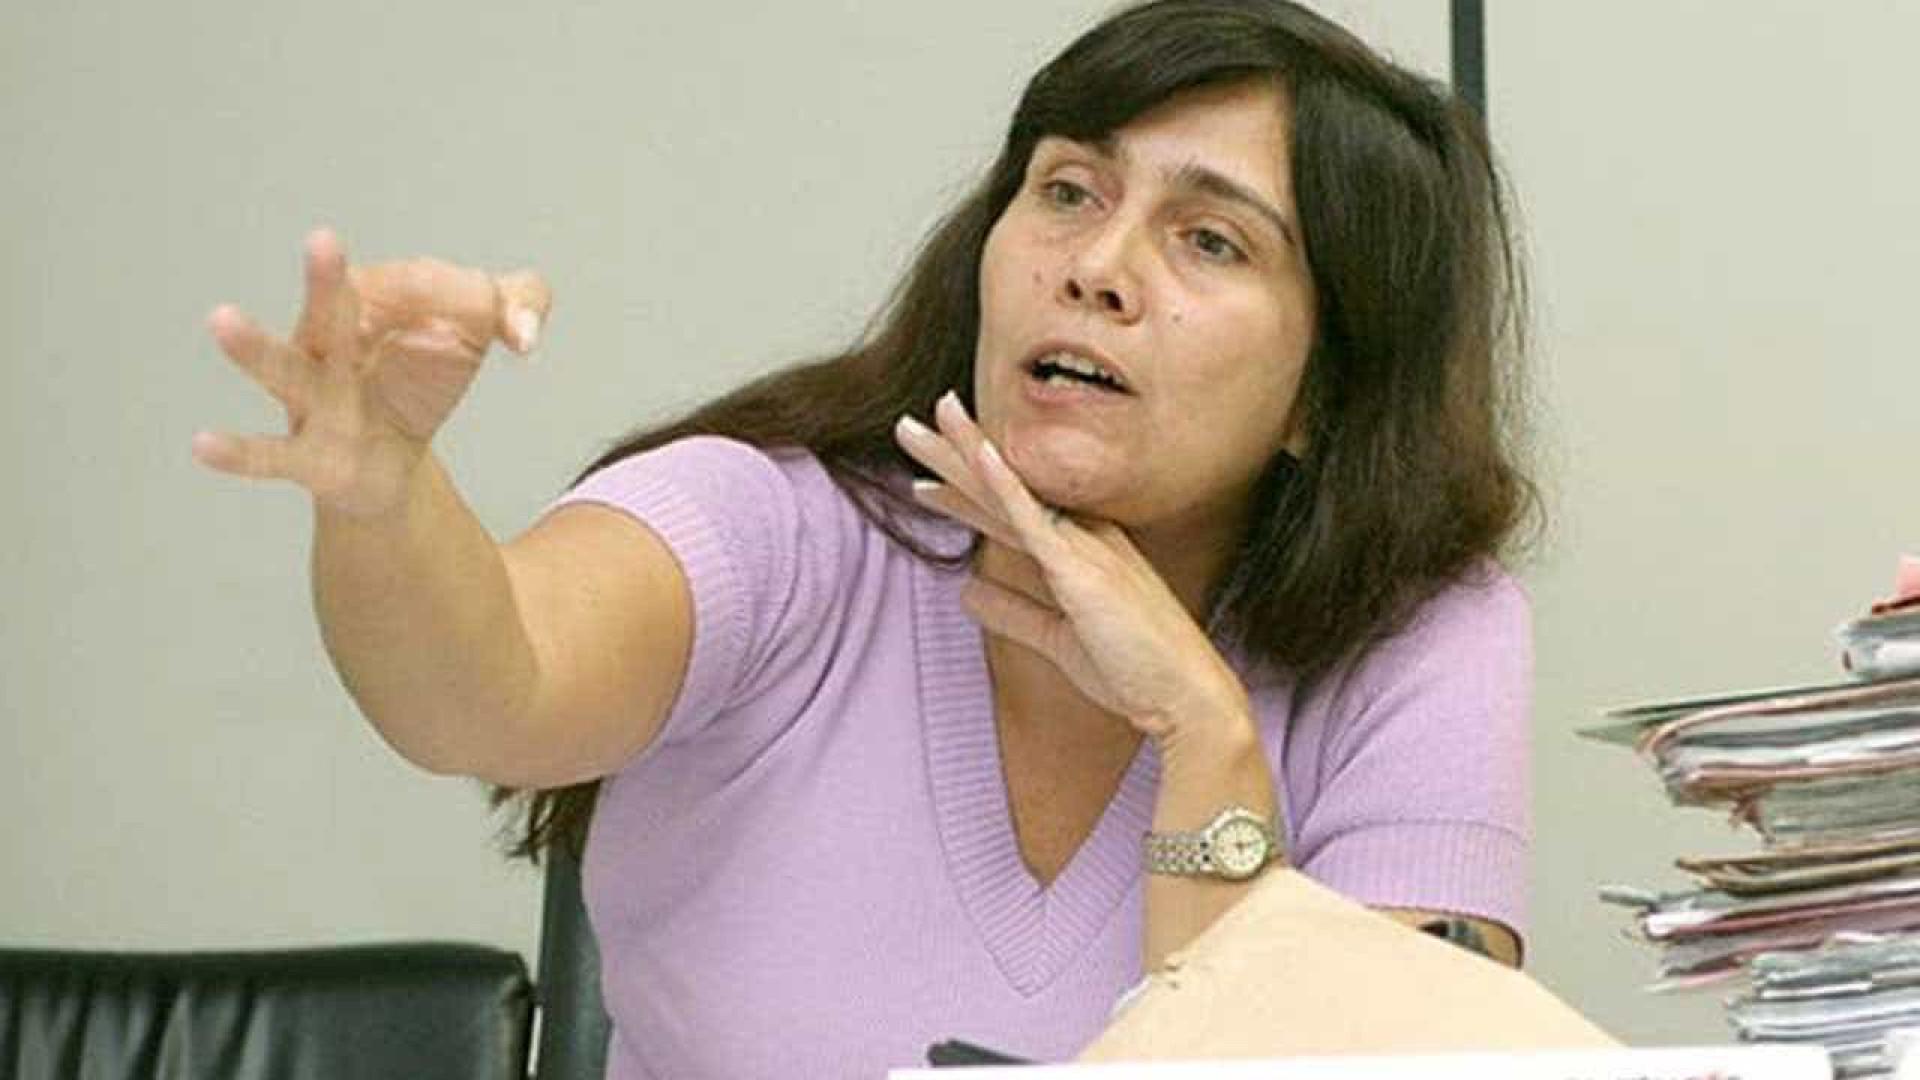 STJ mantém condenação de PM por assassinato da juíza Patrícia Acioli